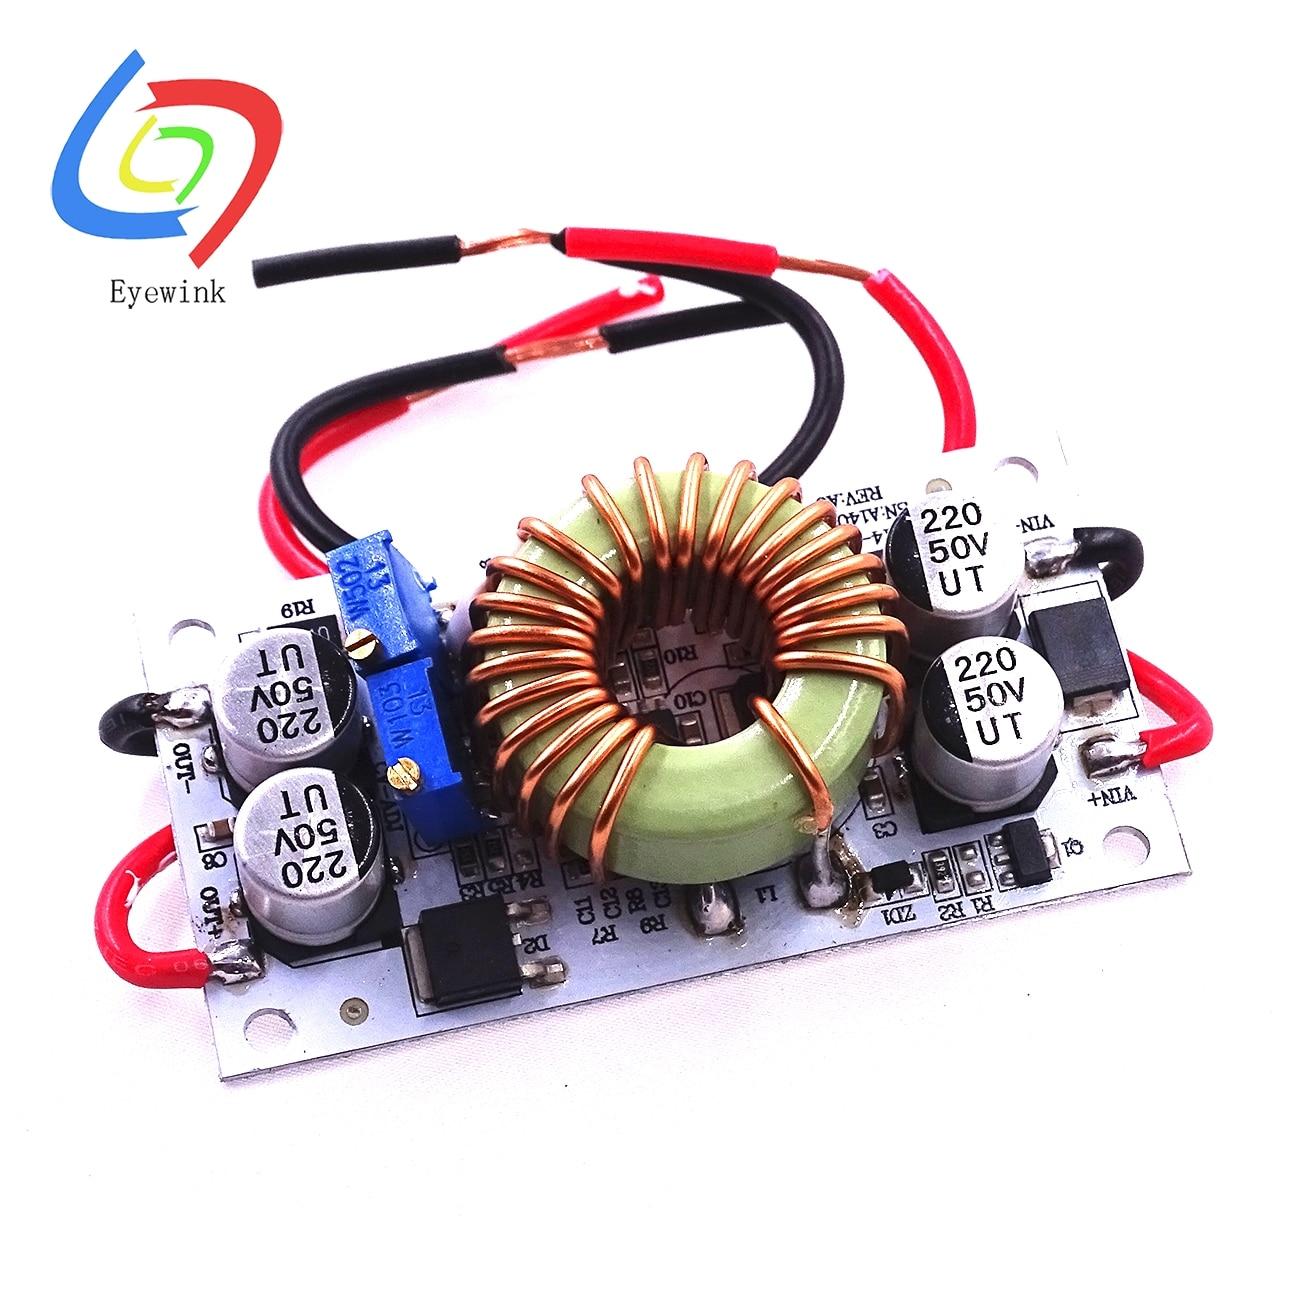 Eyewink 5 Teile/los Aluminiumplatte 250 Watt High Power Step-up Konstante Spannung Led-treiber Stromversorgung Für Auto Laptop